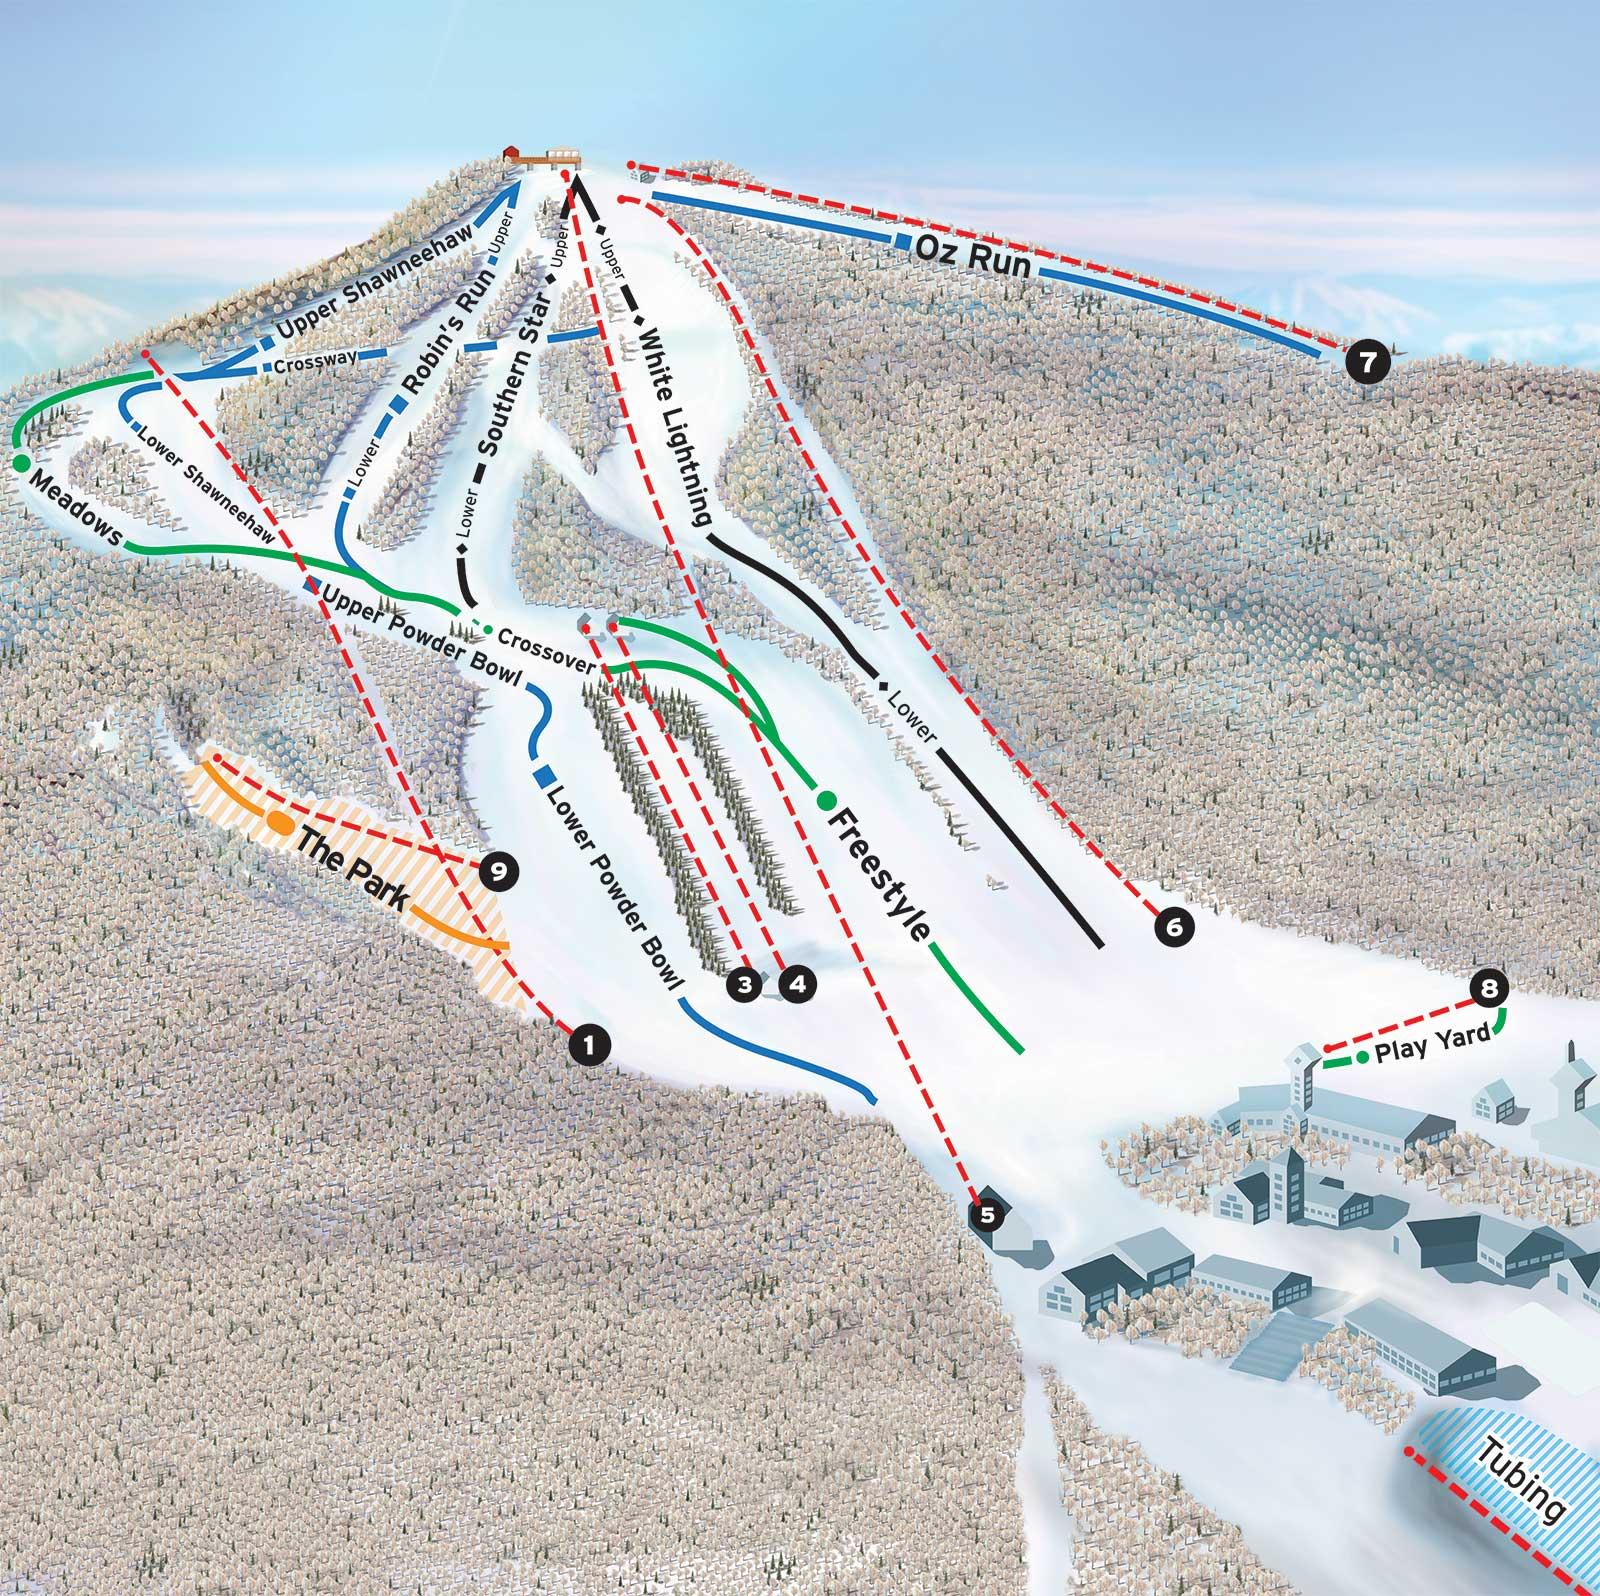 trail-map-new-2016 - beech mountain resort